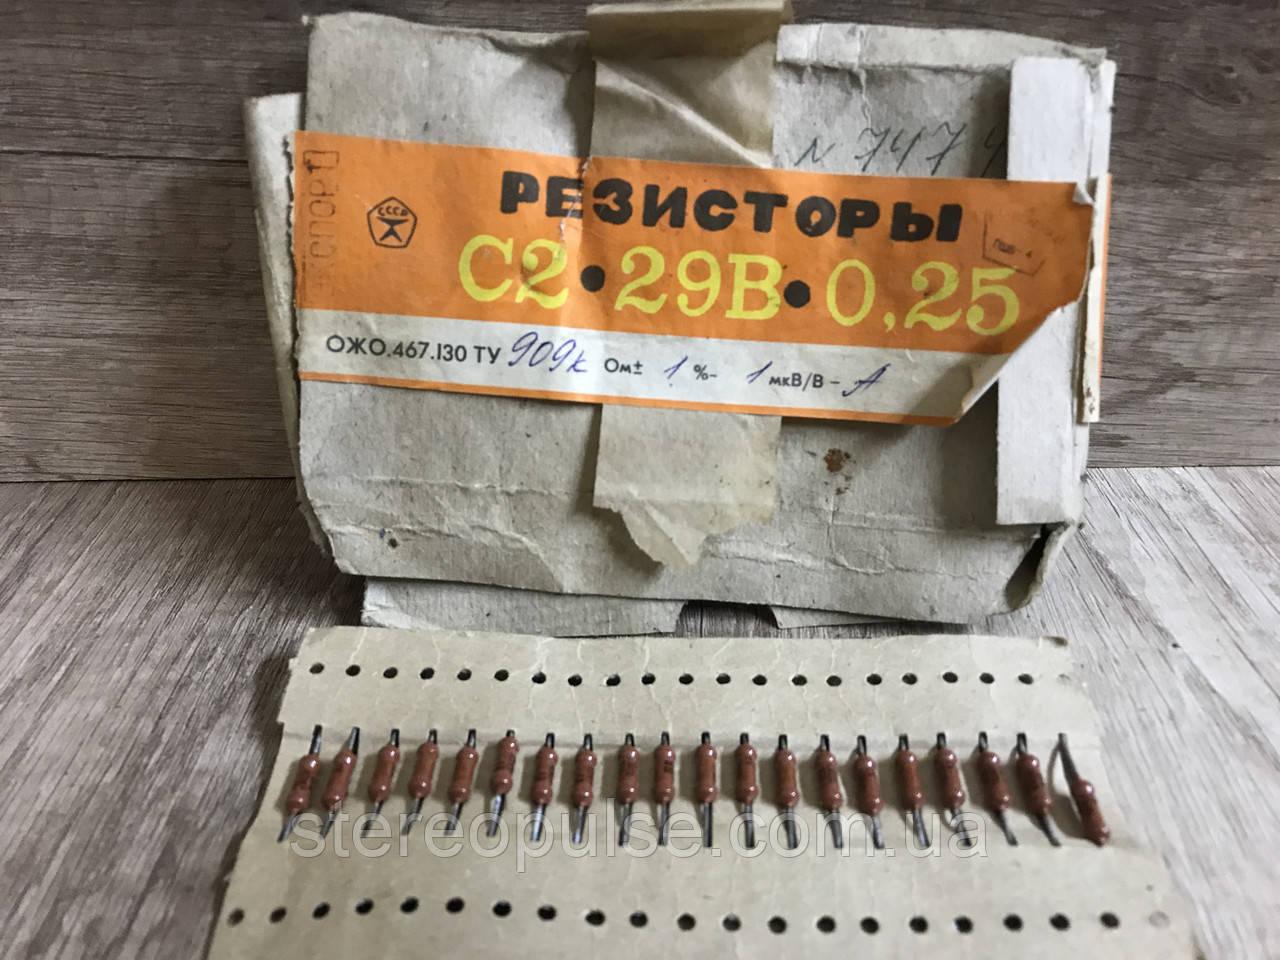 Резистор С2-29В 0.25 Вт 909R, 48R3, 5К62, 180R, 402R...